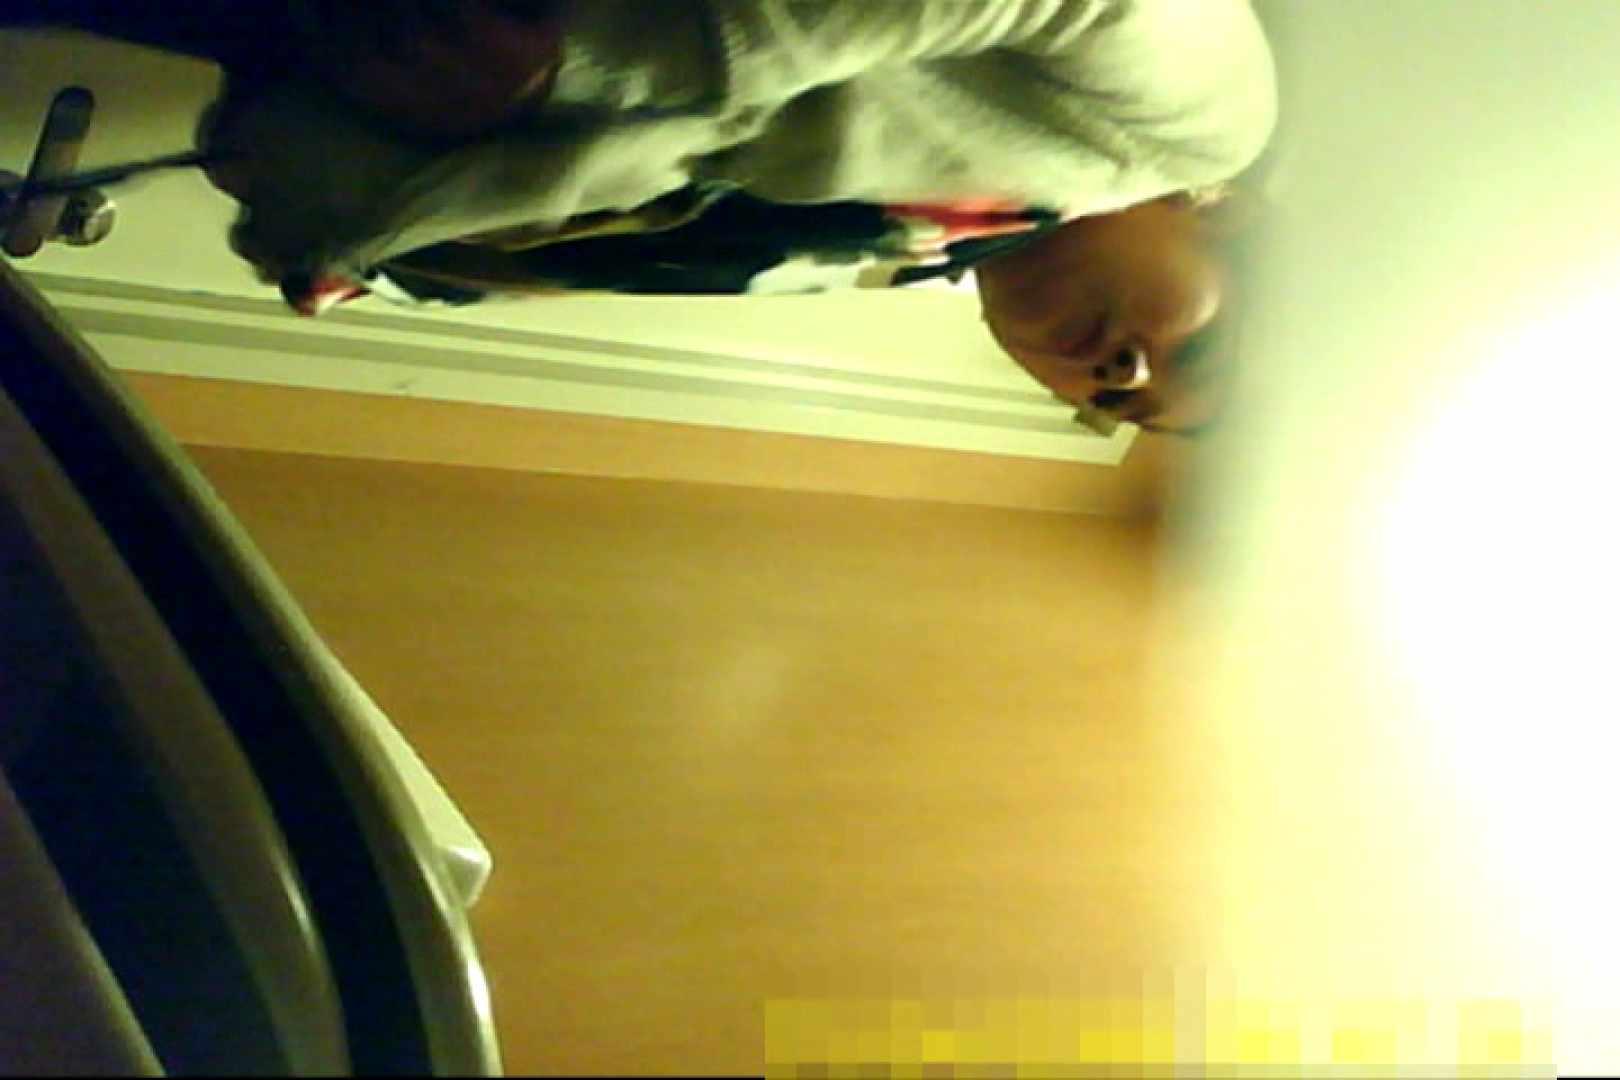 魅惑の化粧室~禁断のプライベート空間~31 プライベート  101枚 81